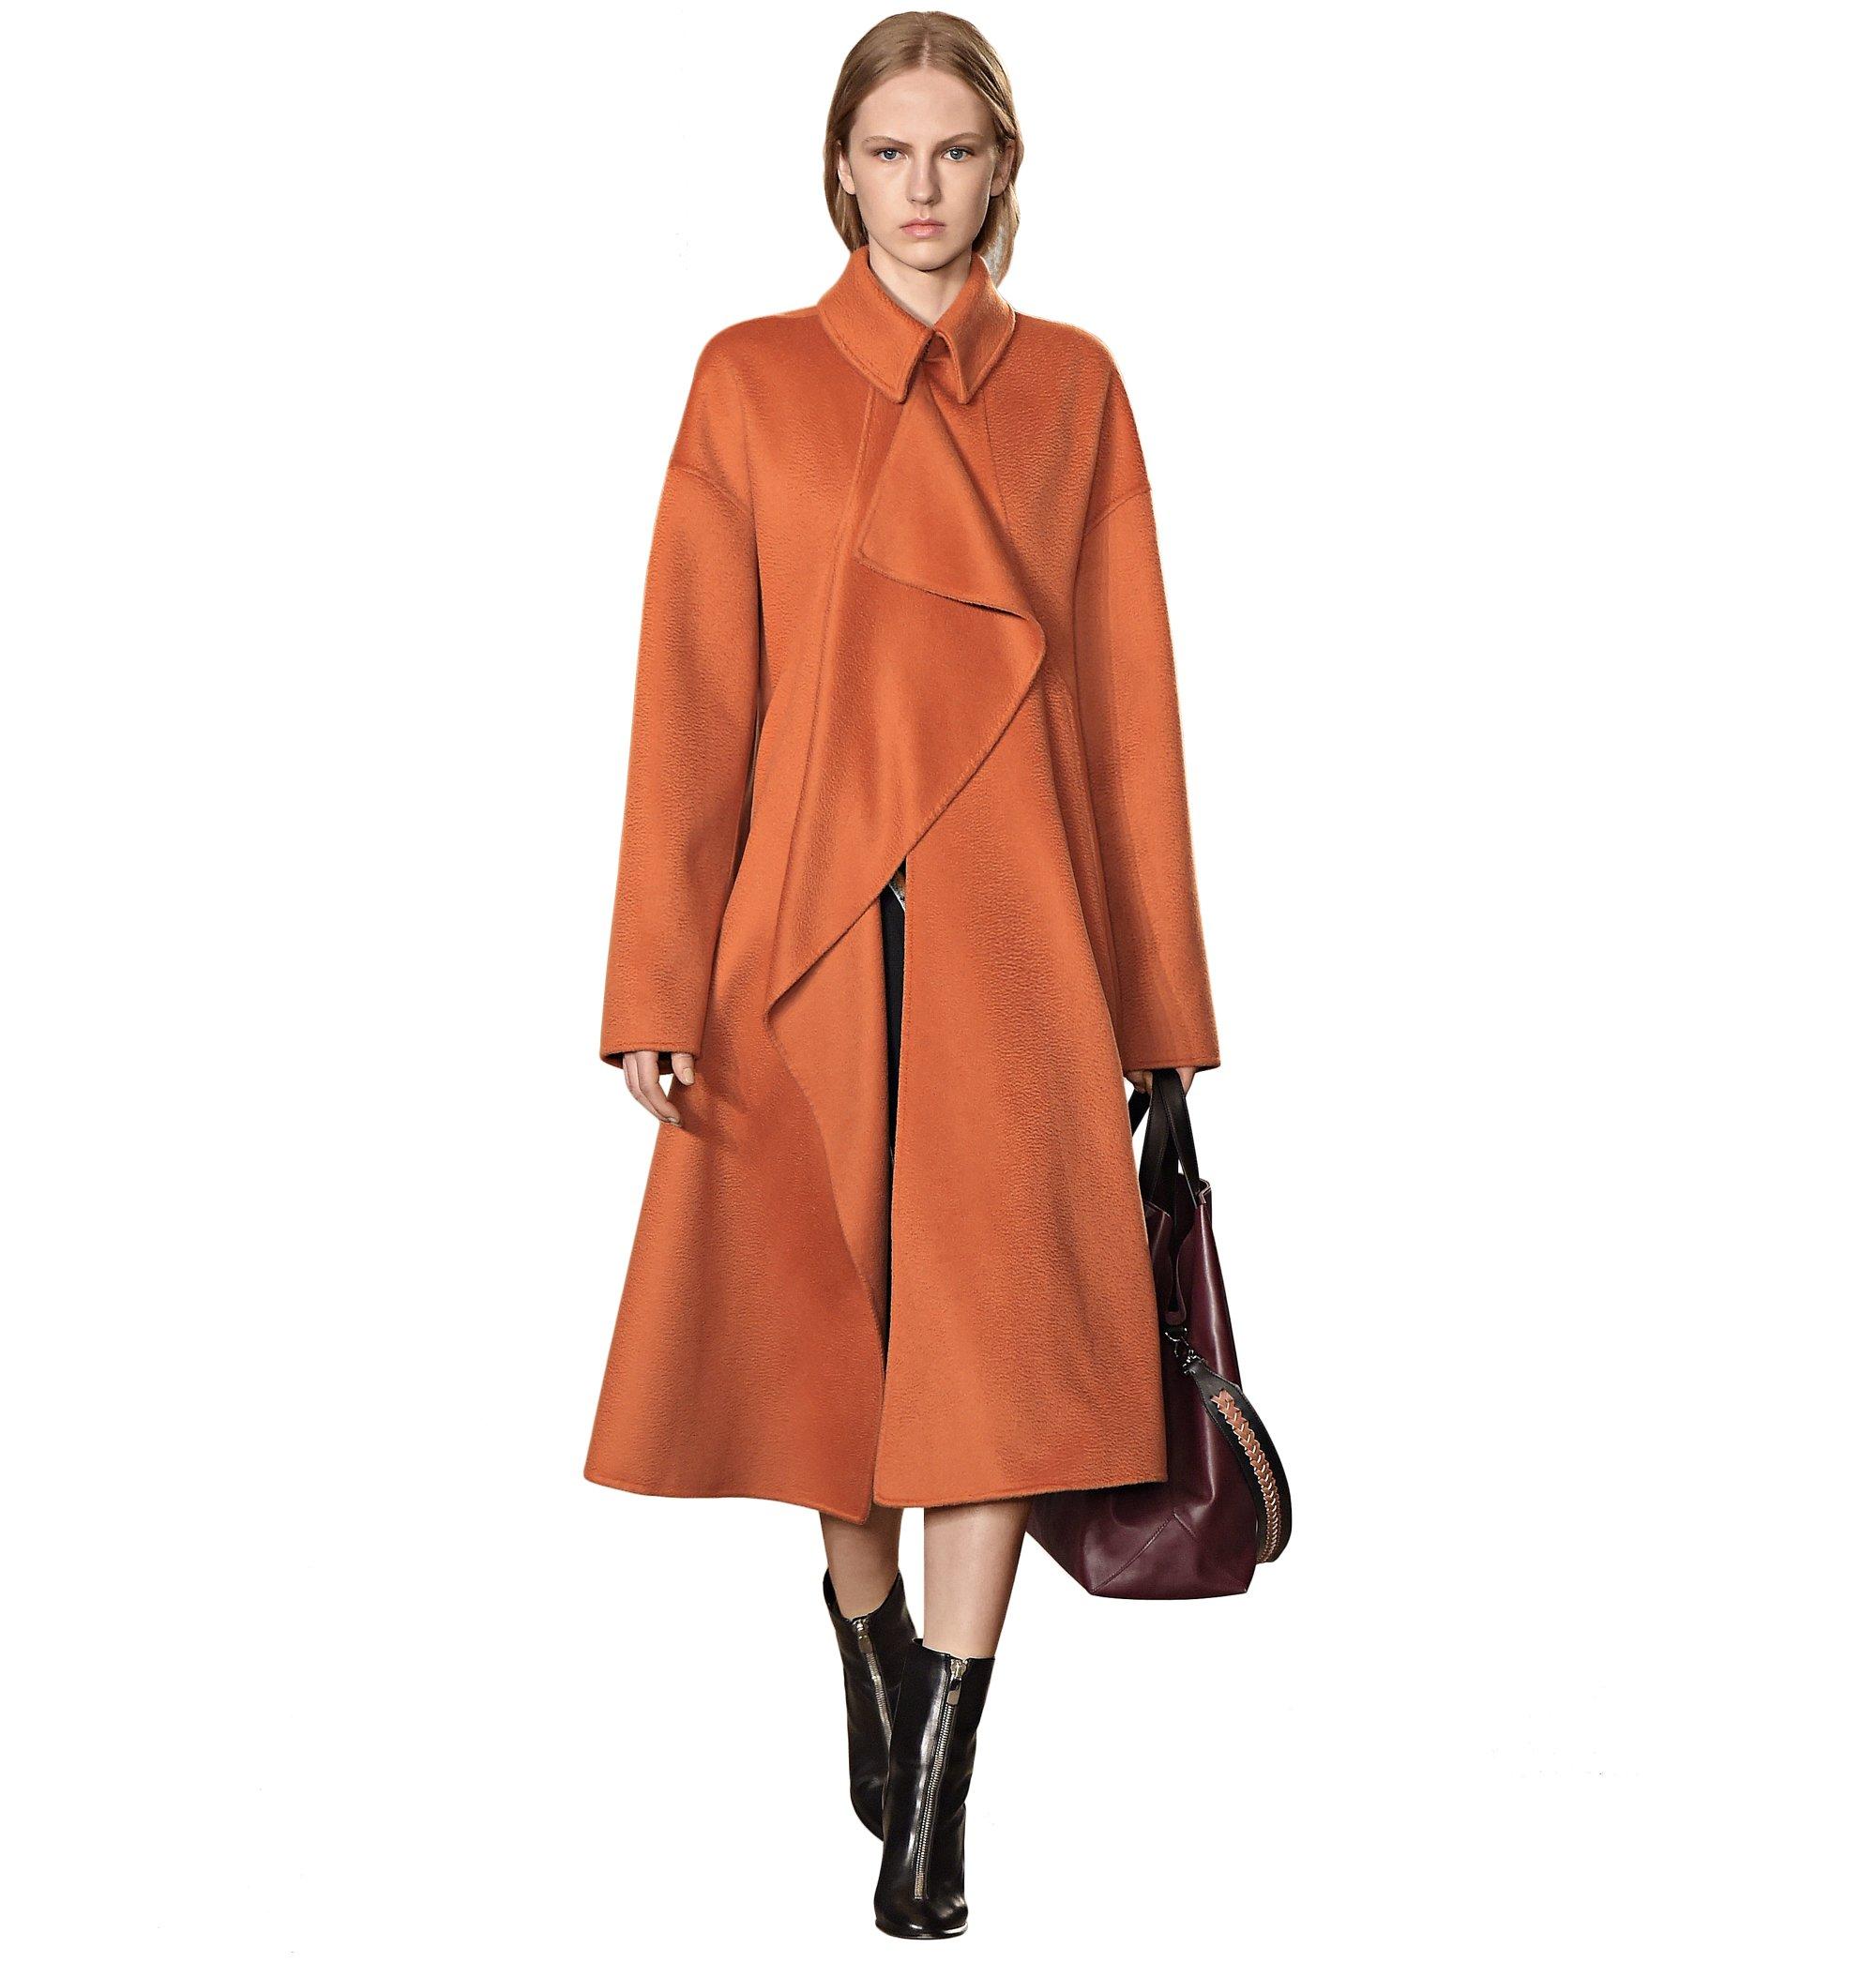 Manteau orange, sac marron et bottes noires BOSS